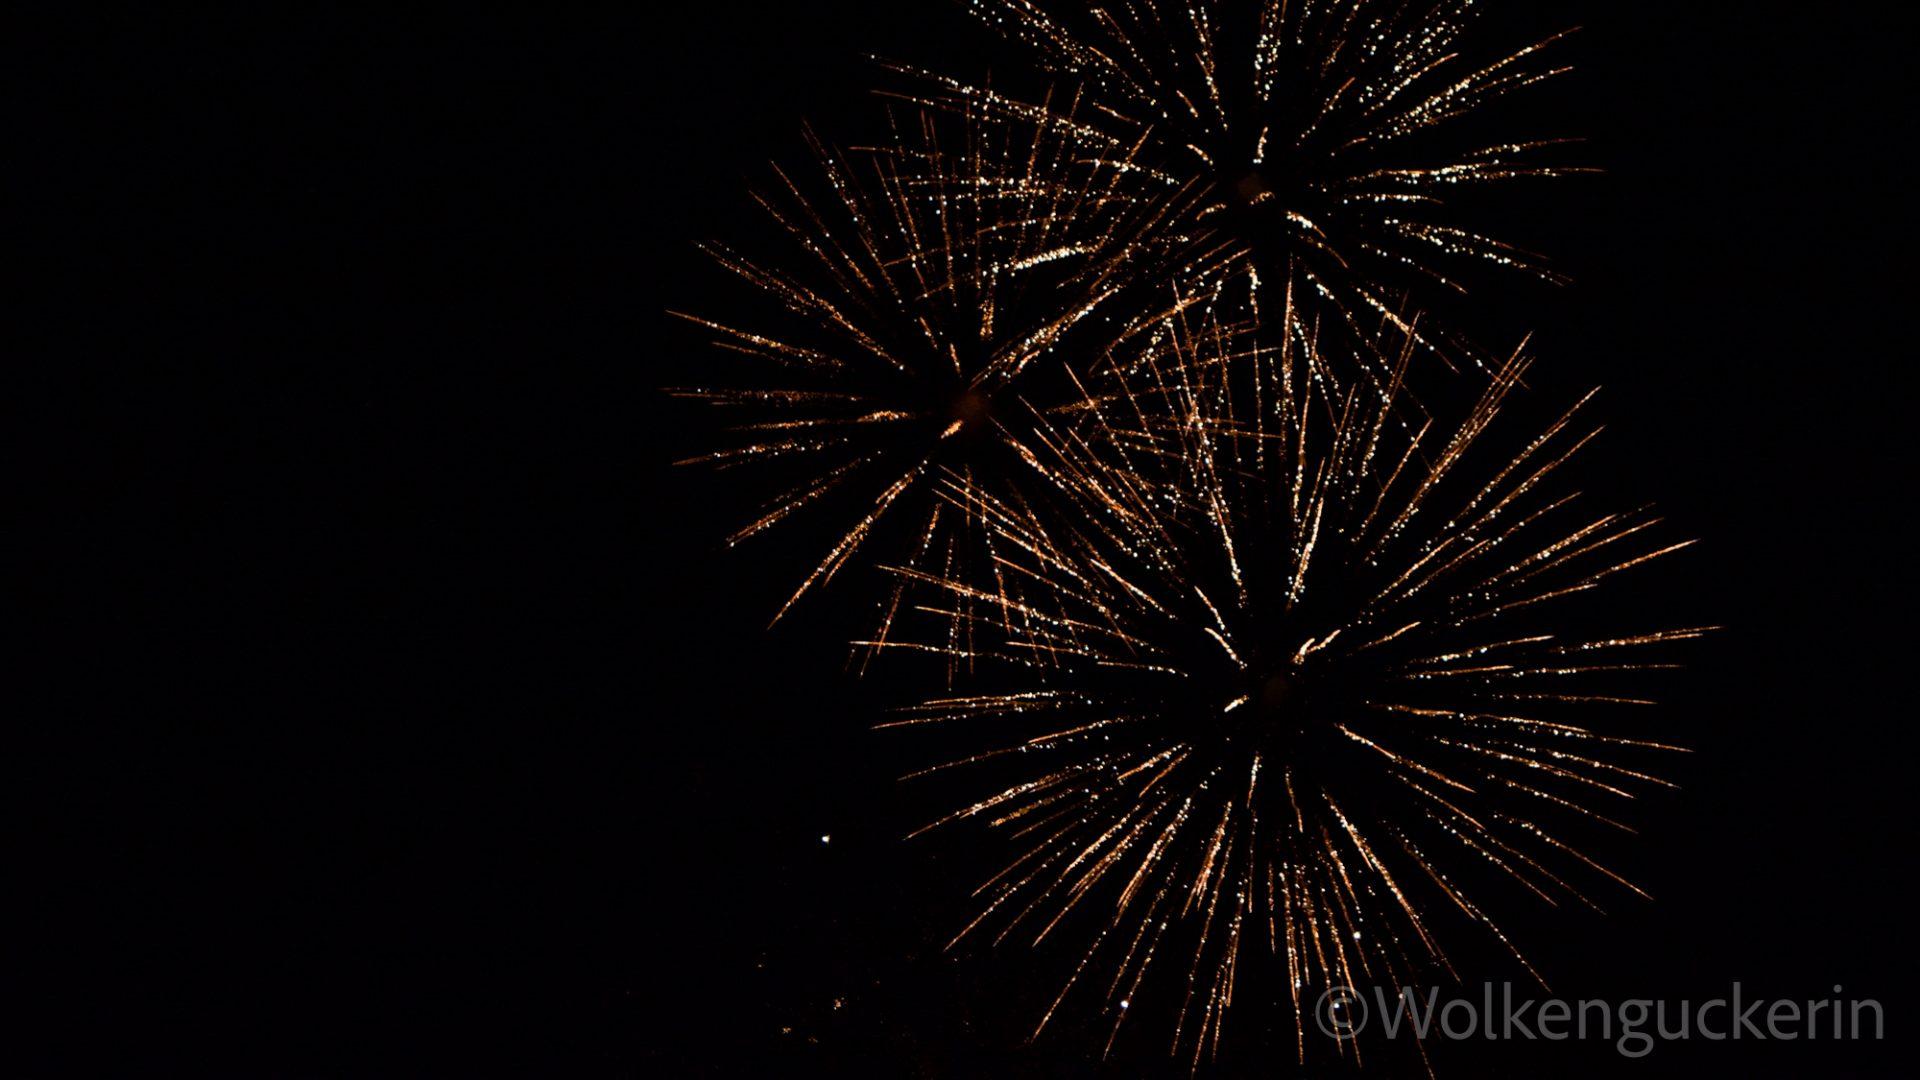 Ein goldgelbes Feuerwerk am schwarzen Nachthimmel